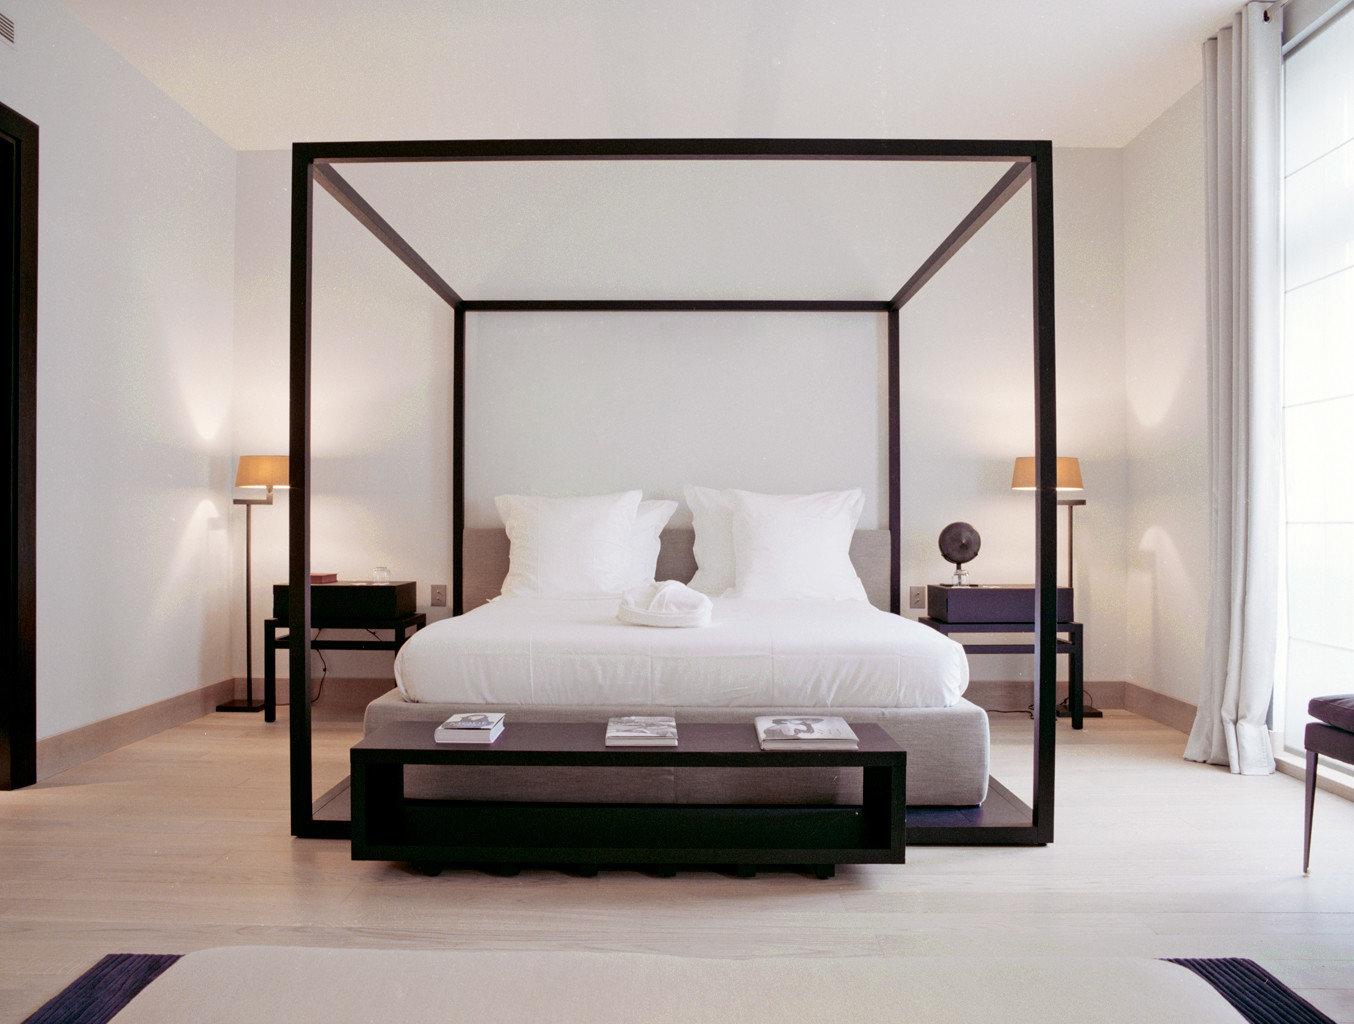 Bedroom Boutique City Elegant France Hotels Luxury Paris Suite bed frame living room wardrobe lamp